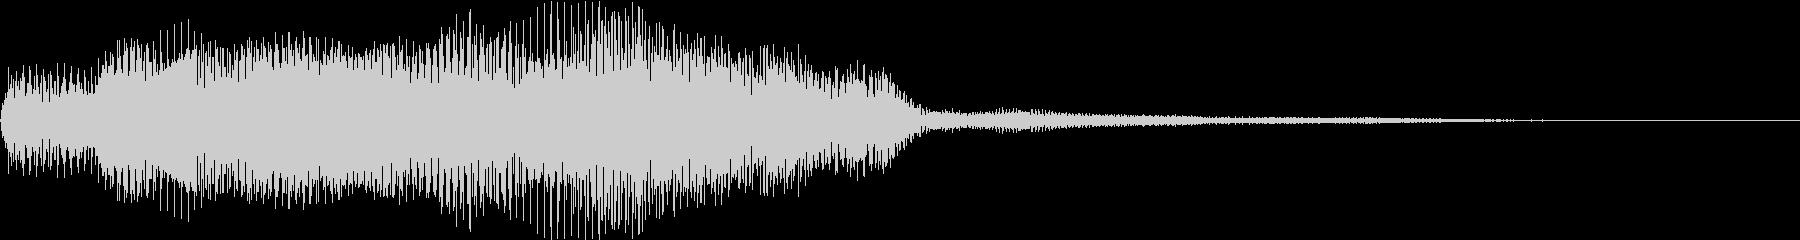 デーン(起動音:リバースピアノ)3の未再生の波形